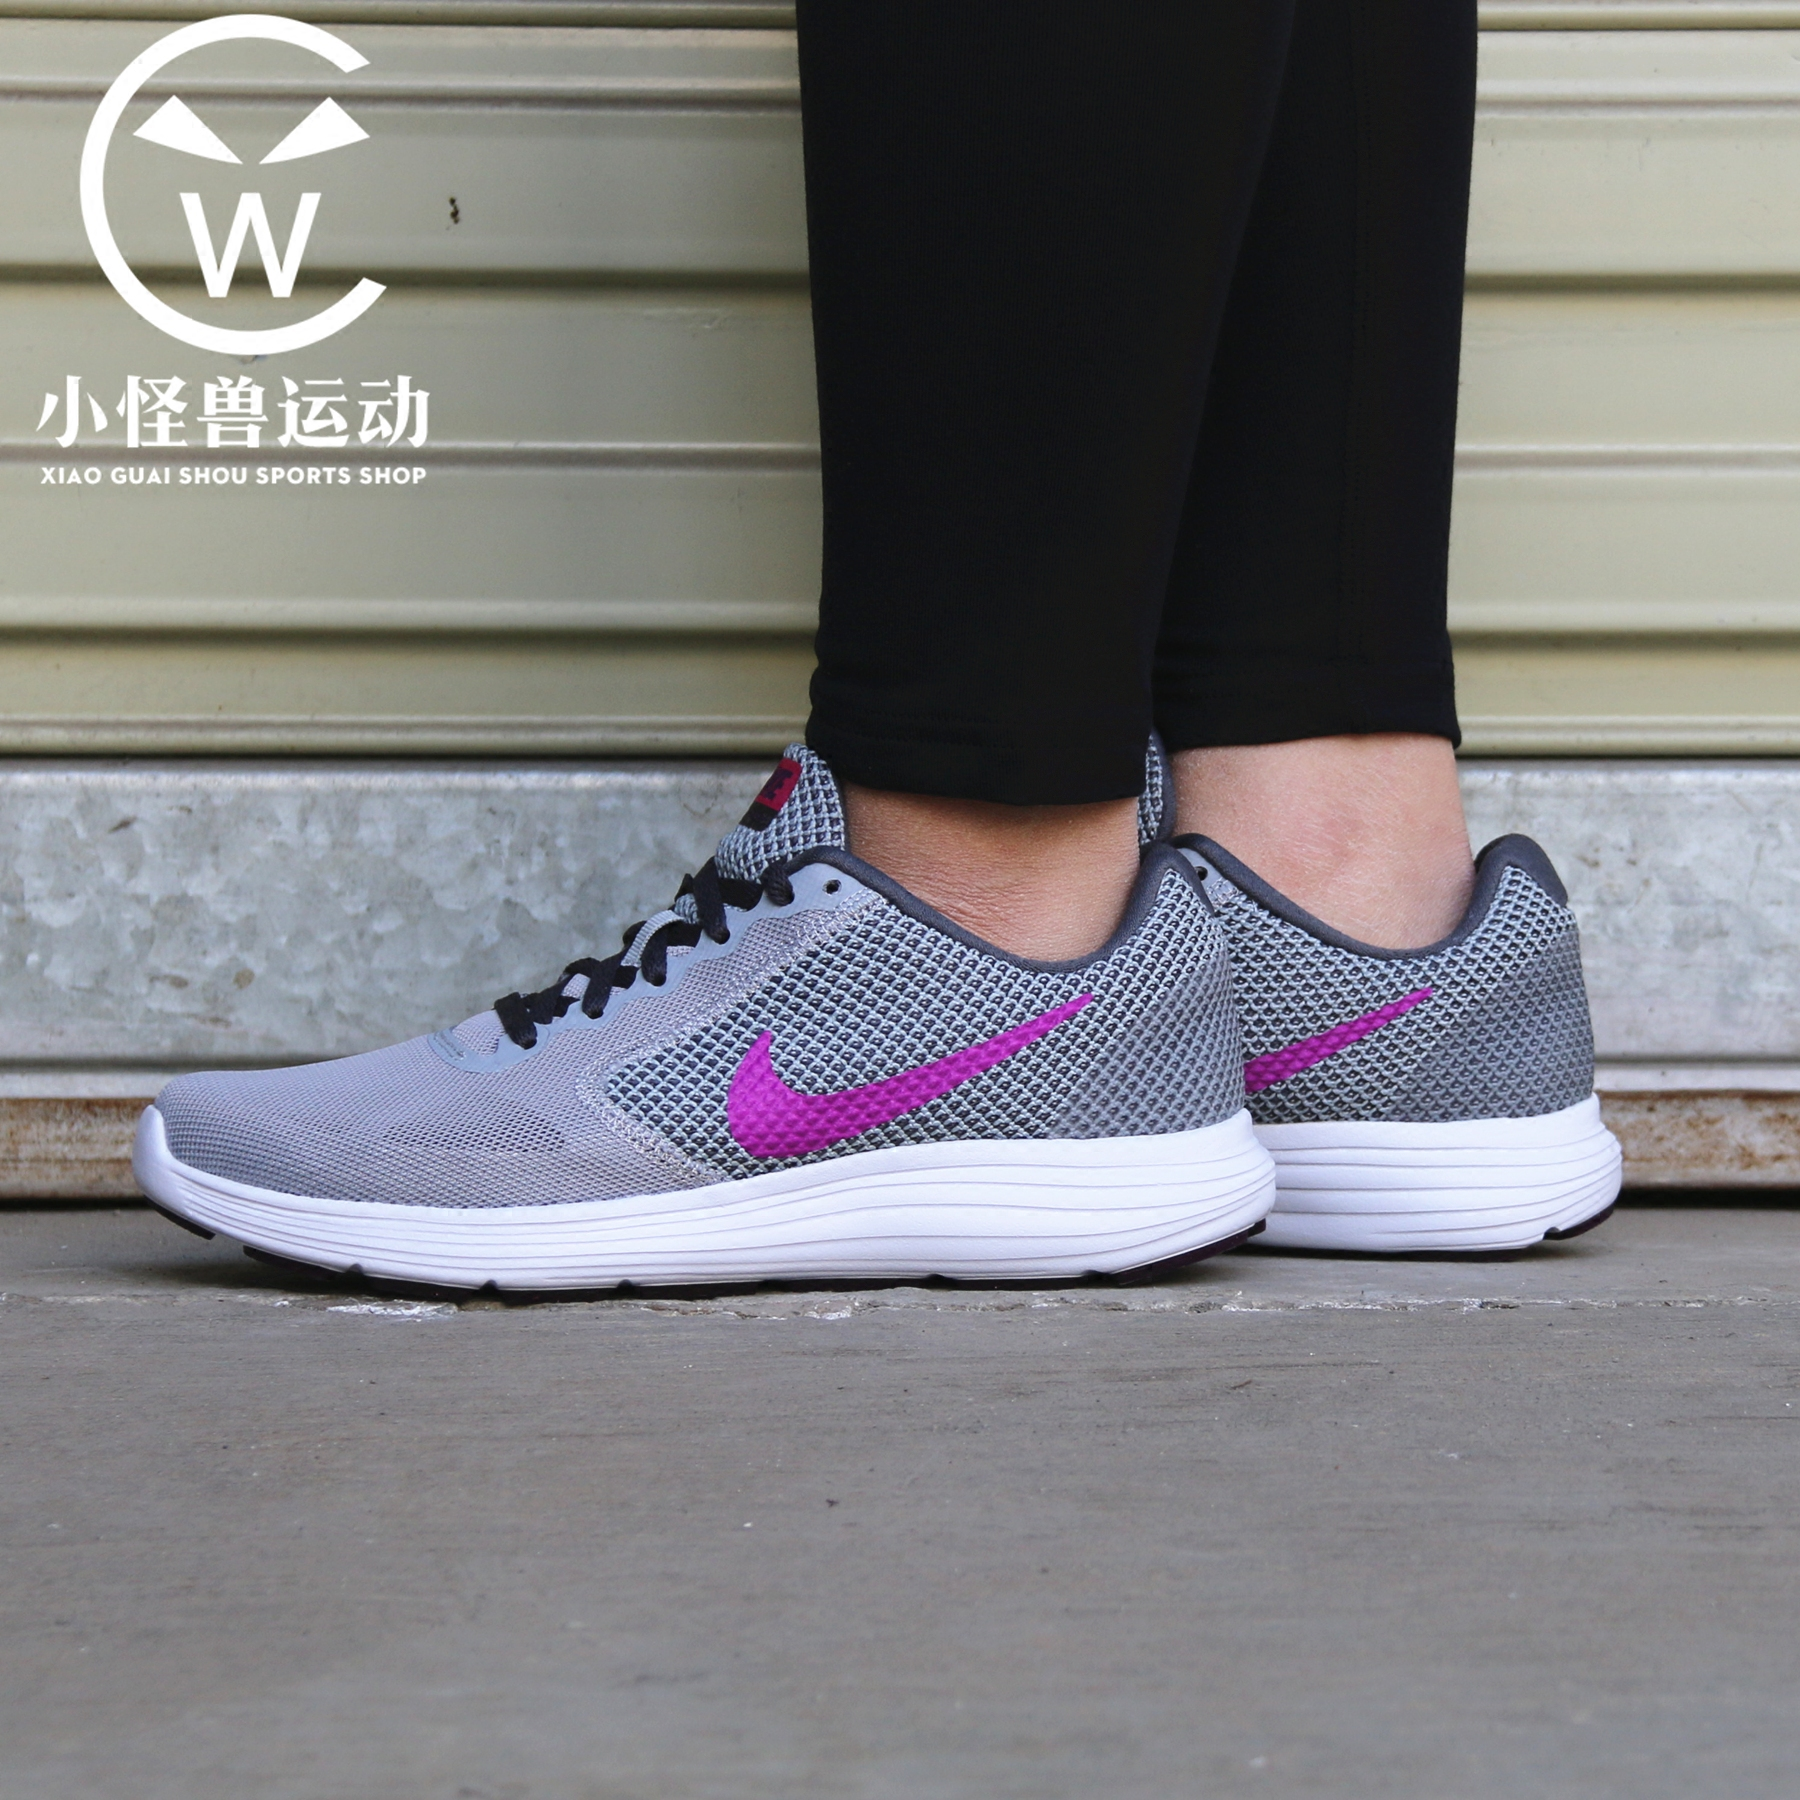 耐克女运动鞋 Nike耐克 女子运动休闲网面轻便缓震跑步鞋 819303-009_推荐淘宝好看的女耐克女运动鞋